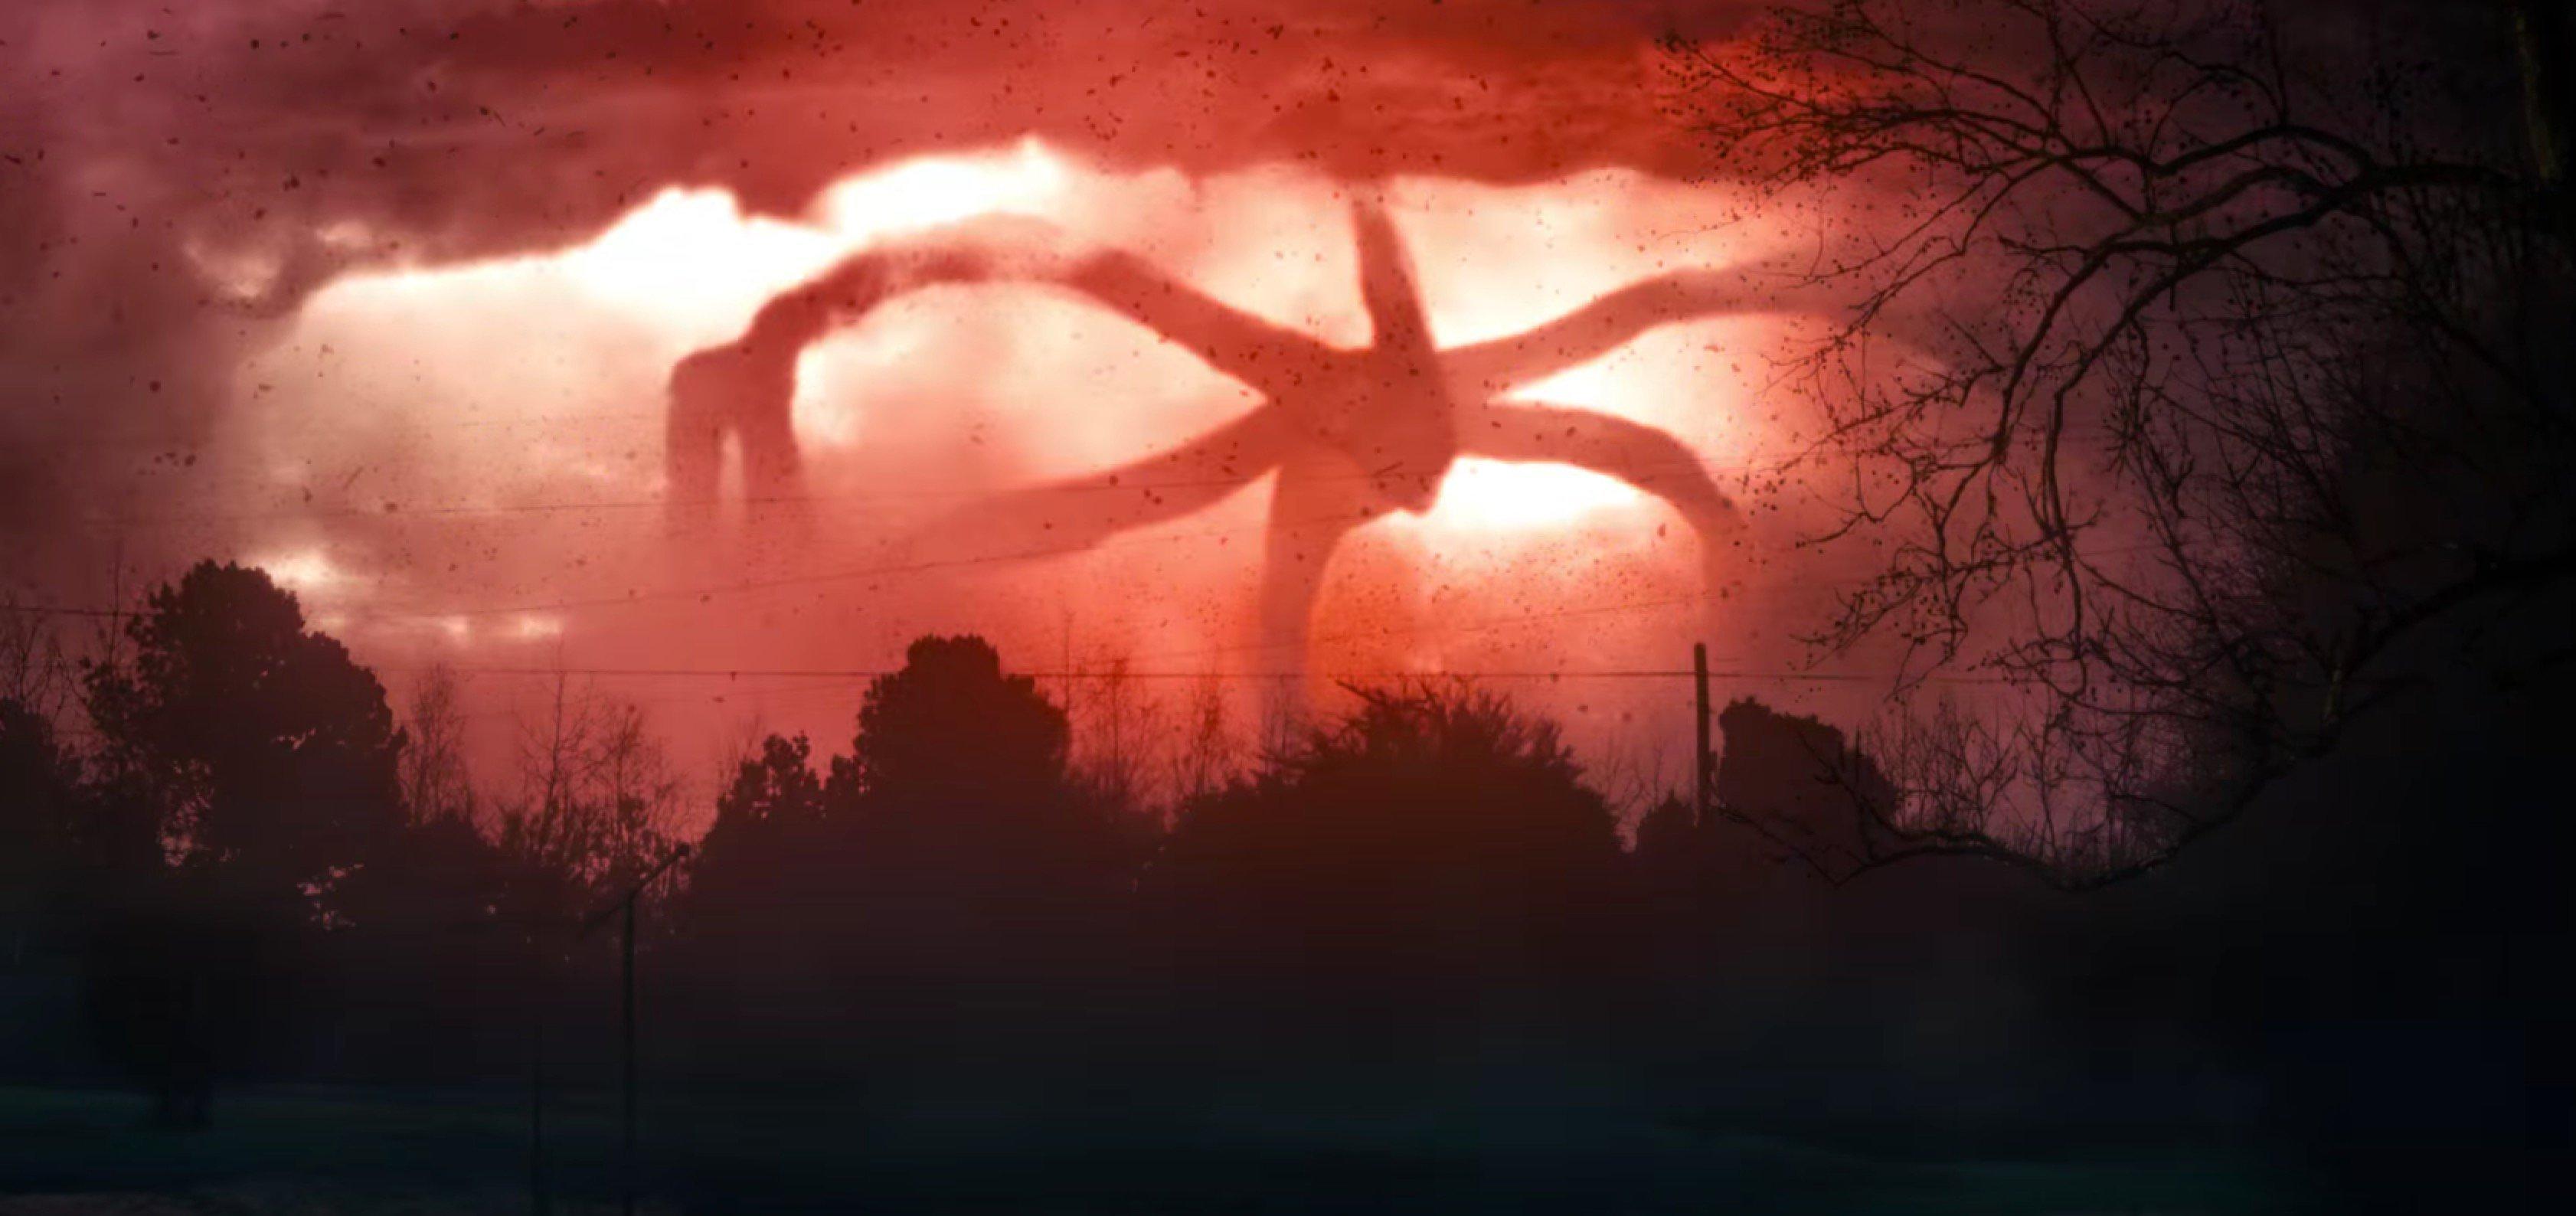 Stranger Things demon